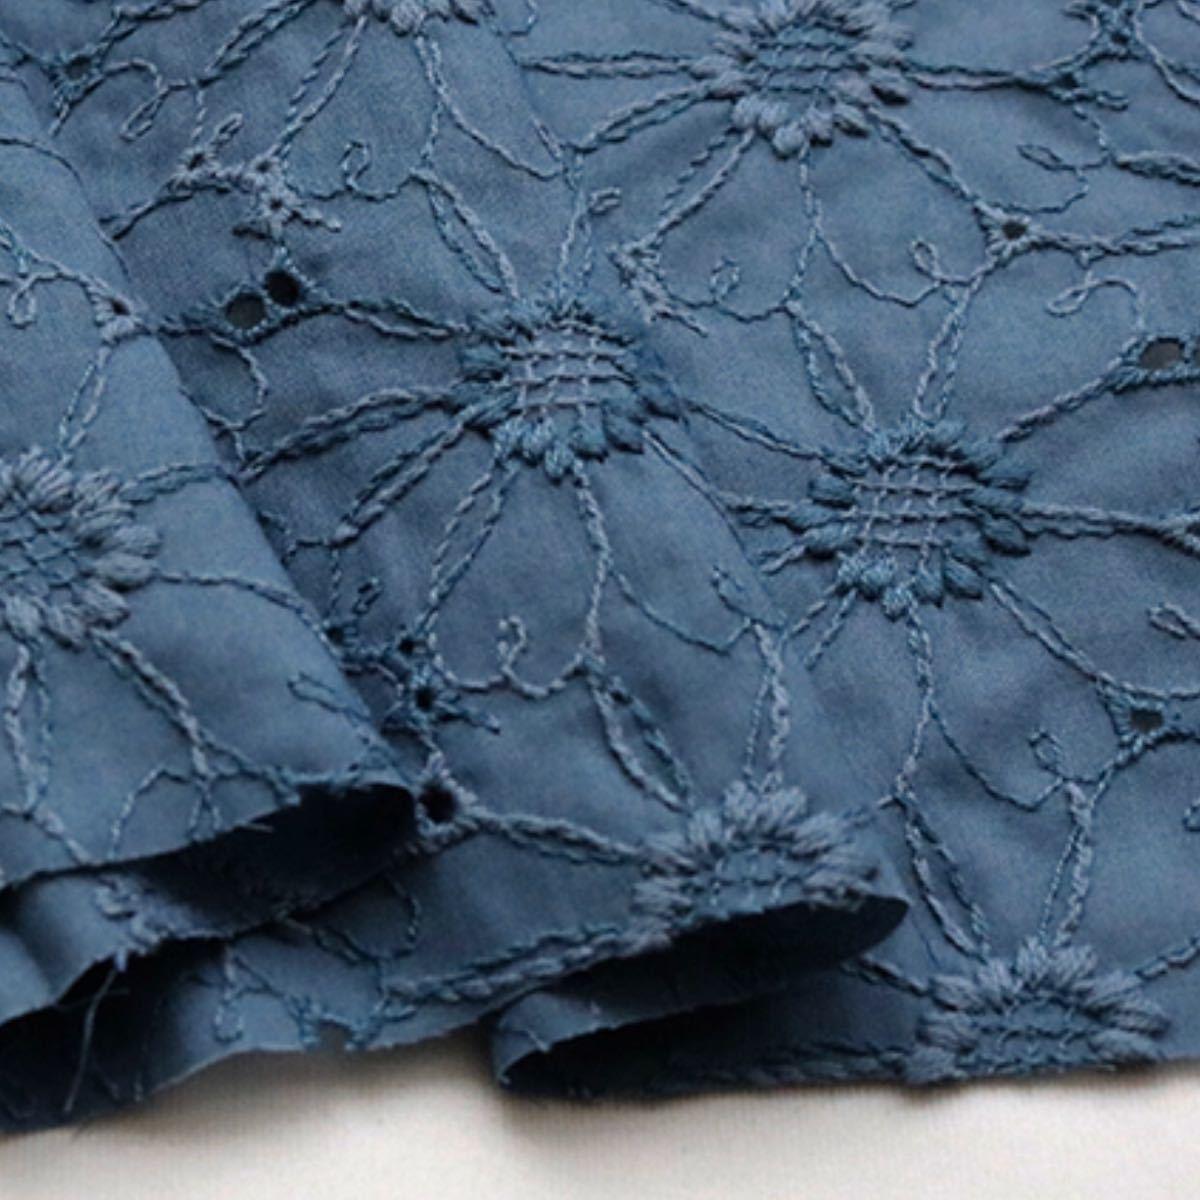 コットンレース生地 マーガレット刺繍 ヴィンテージブルー ハギレ はぎれ